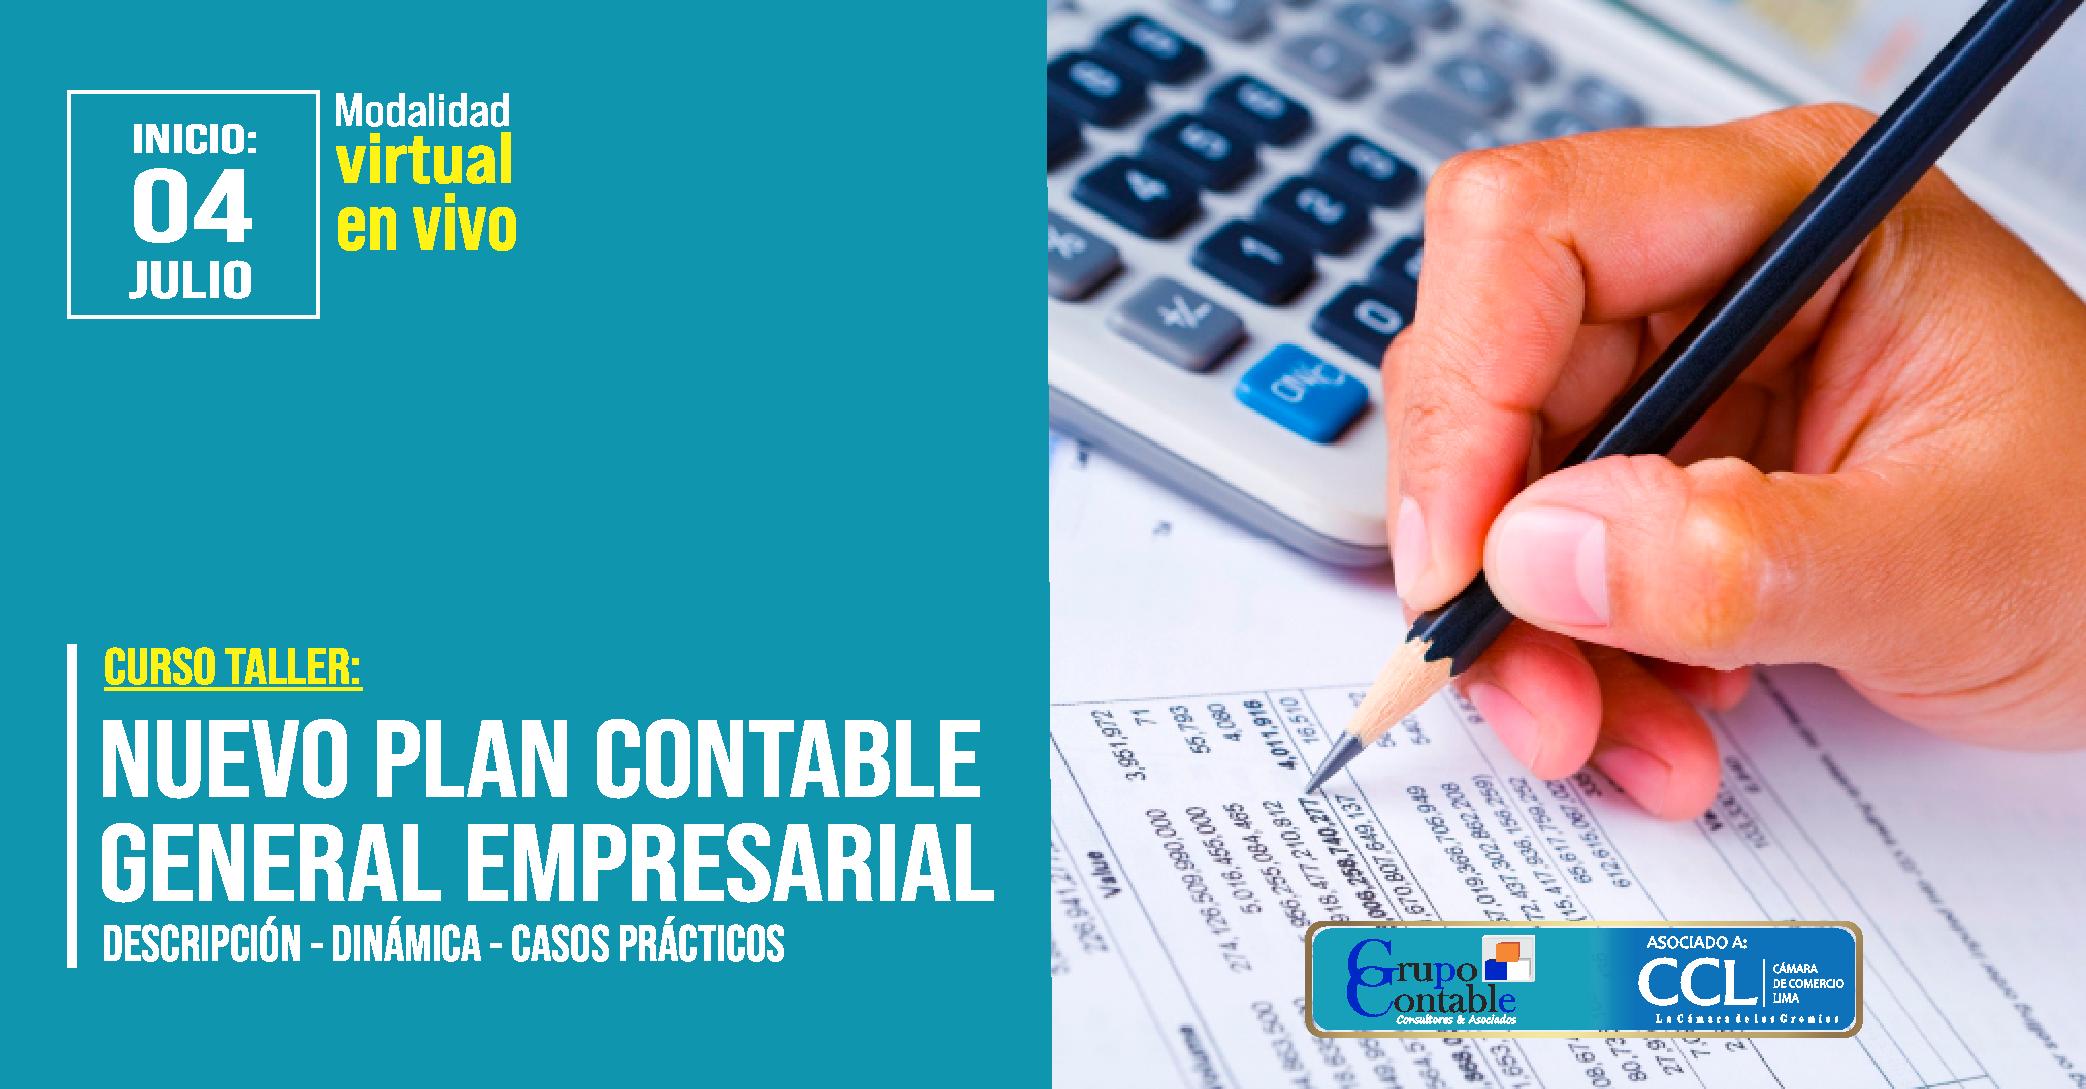 Taller Práctico: Dinámica del Nuevo Plan Contable General Empresarial